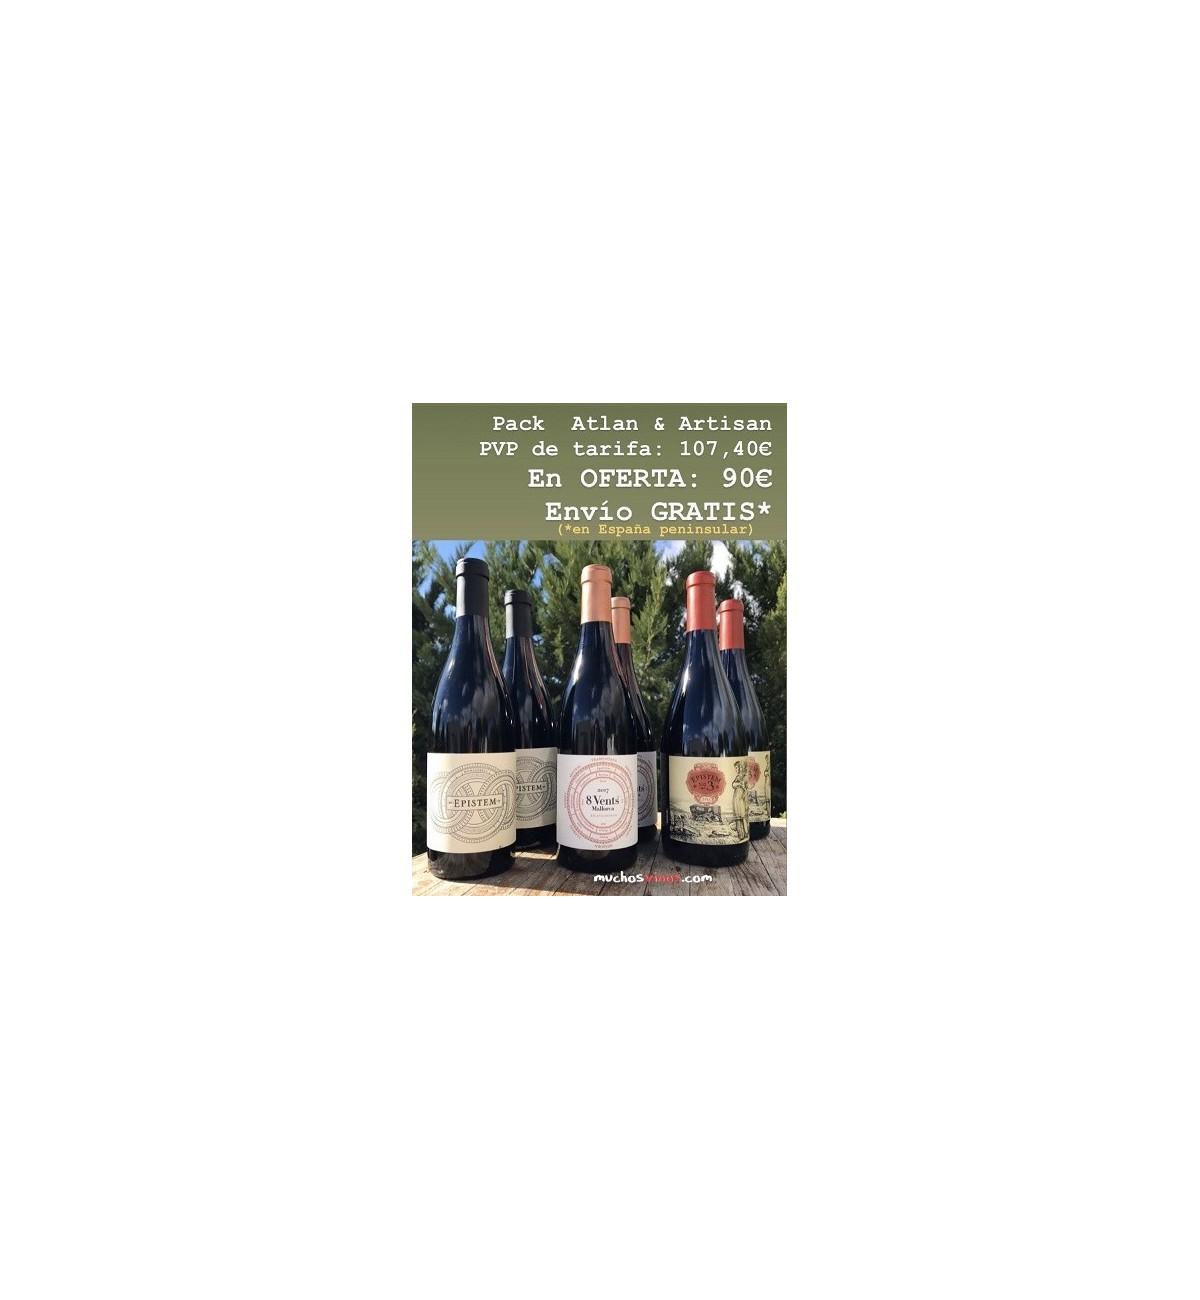 Pack ATLAN & ARTISAN + gastos de ENVÍO GRATIS*, vino tinto, Monastrell viñas viejas, Cabernet S., Callet, Manto Negro, Merlot